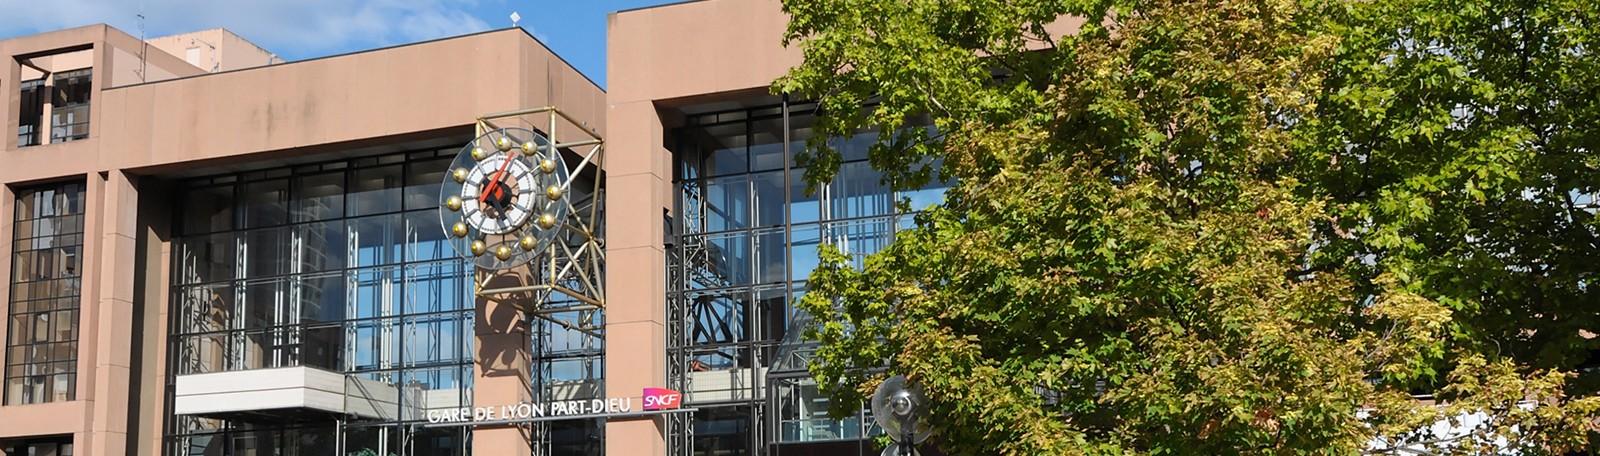 Réservation parking Francfort Gare Part-Dieu Lyon